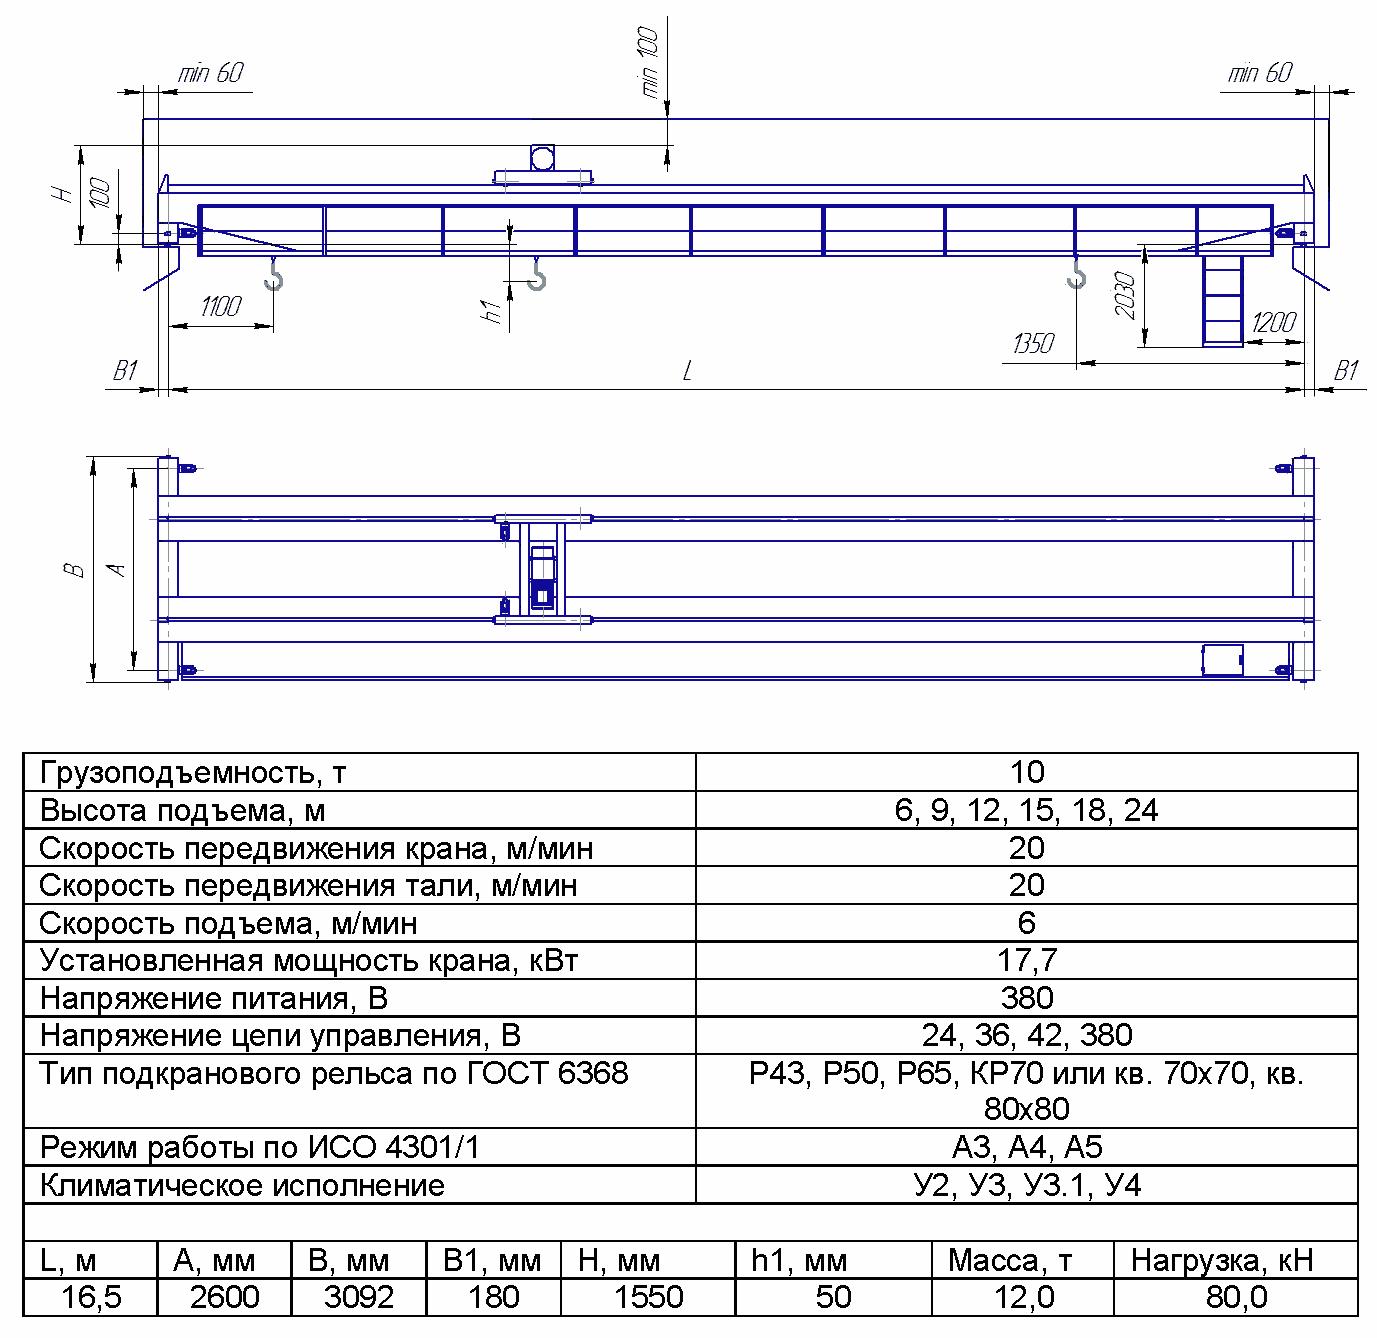 KMON 2 3 - Опорный мостовой кран общего назначения